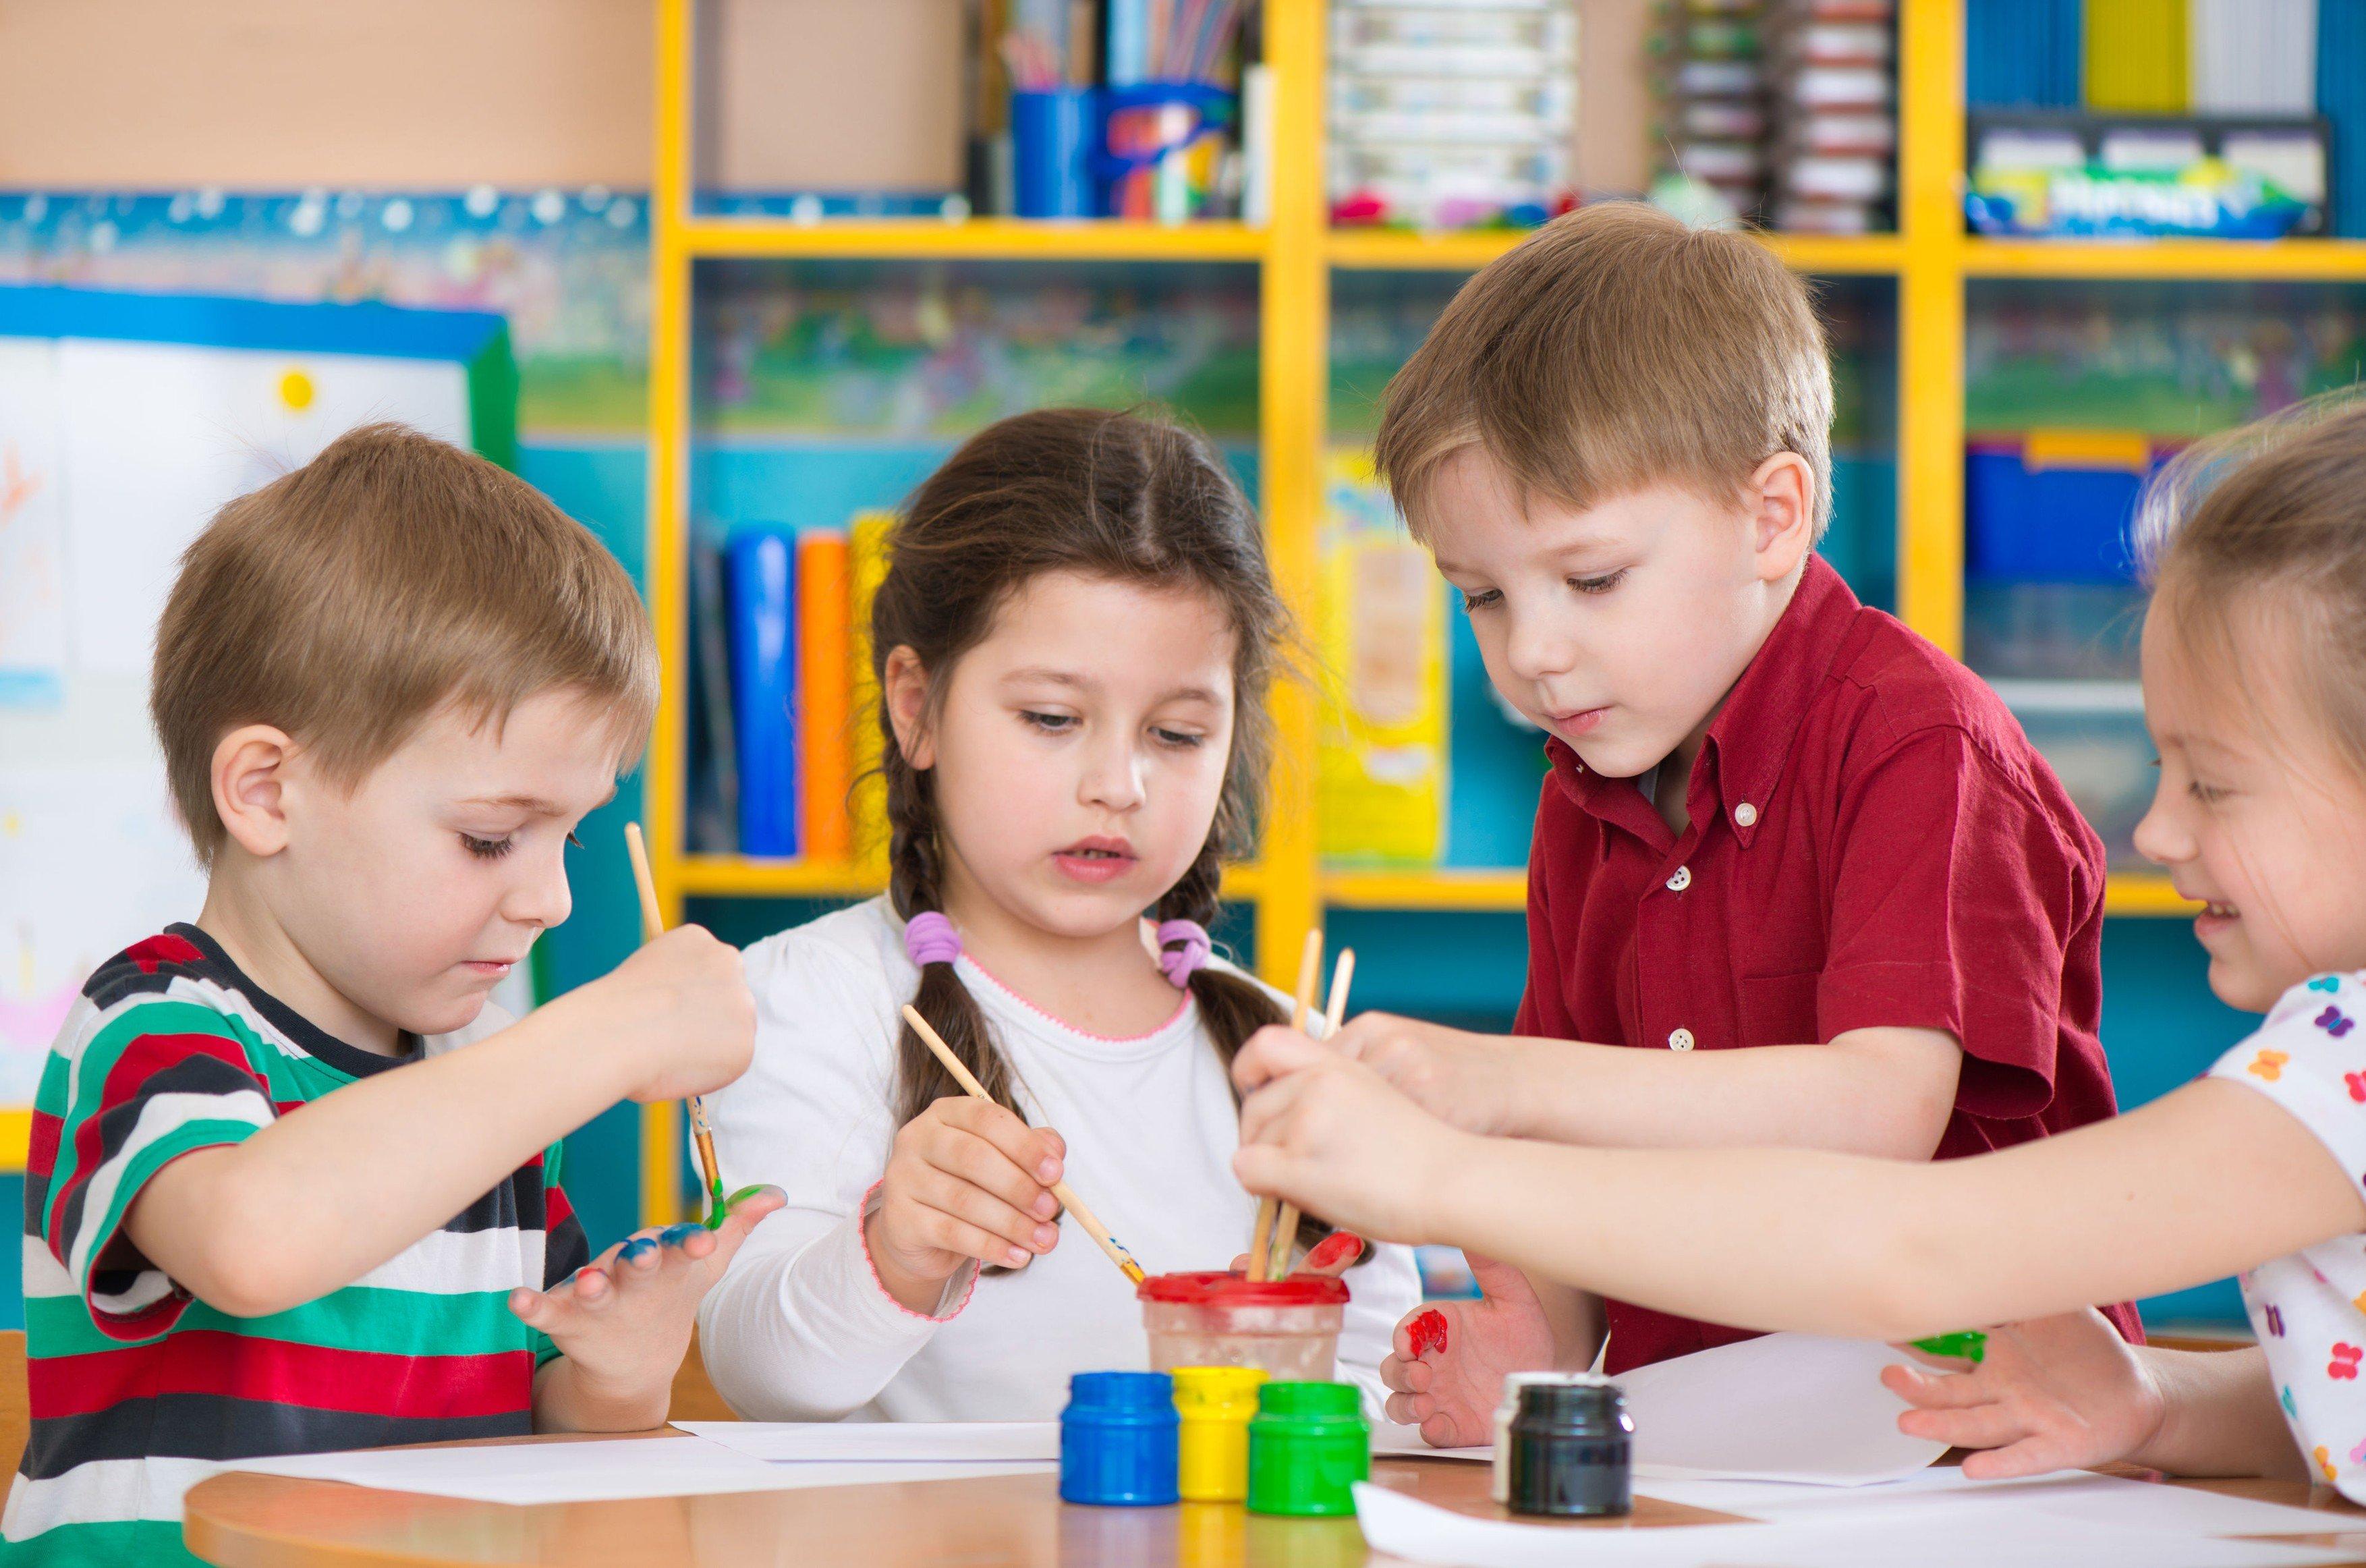 Mateřská škola, školka, děti, předškoláci, malování. Ilustrační foto